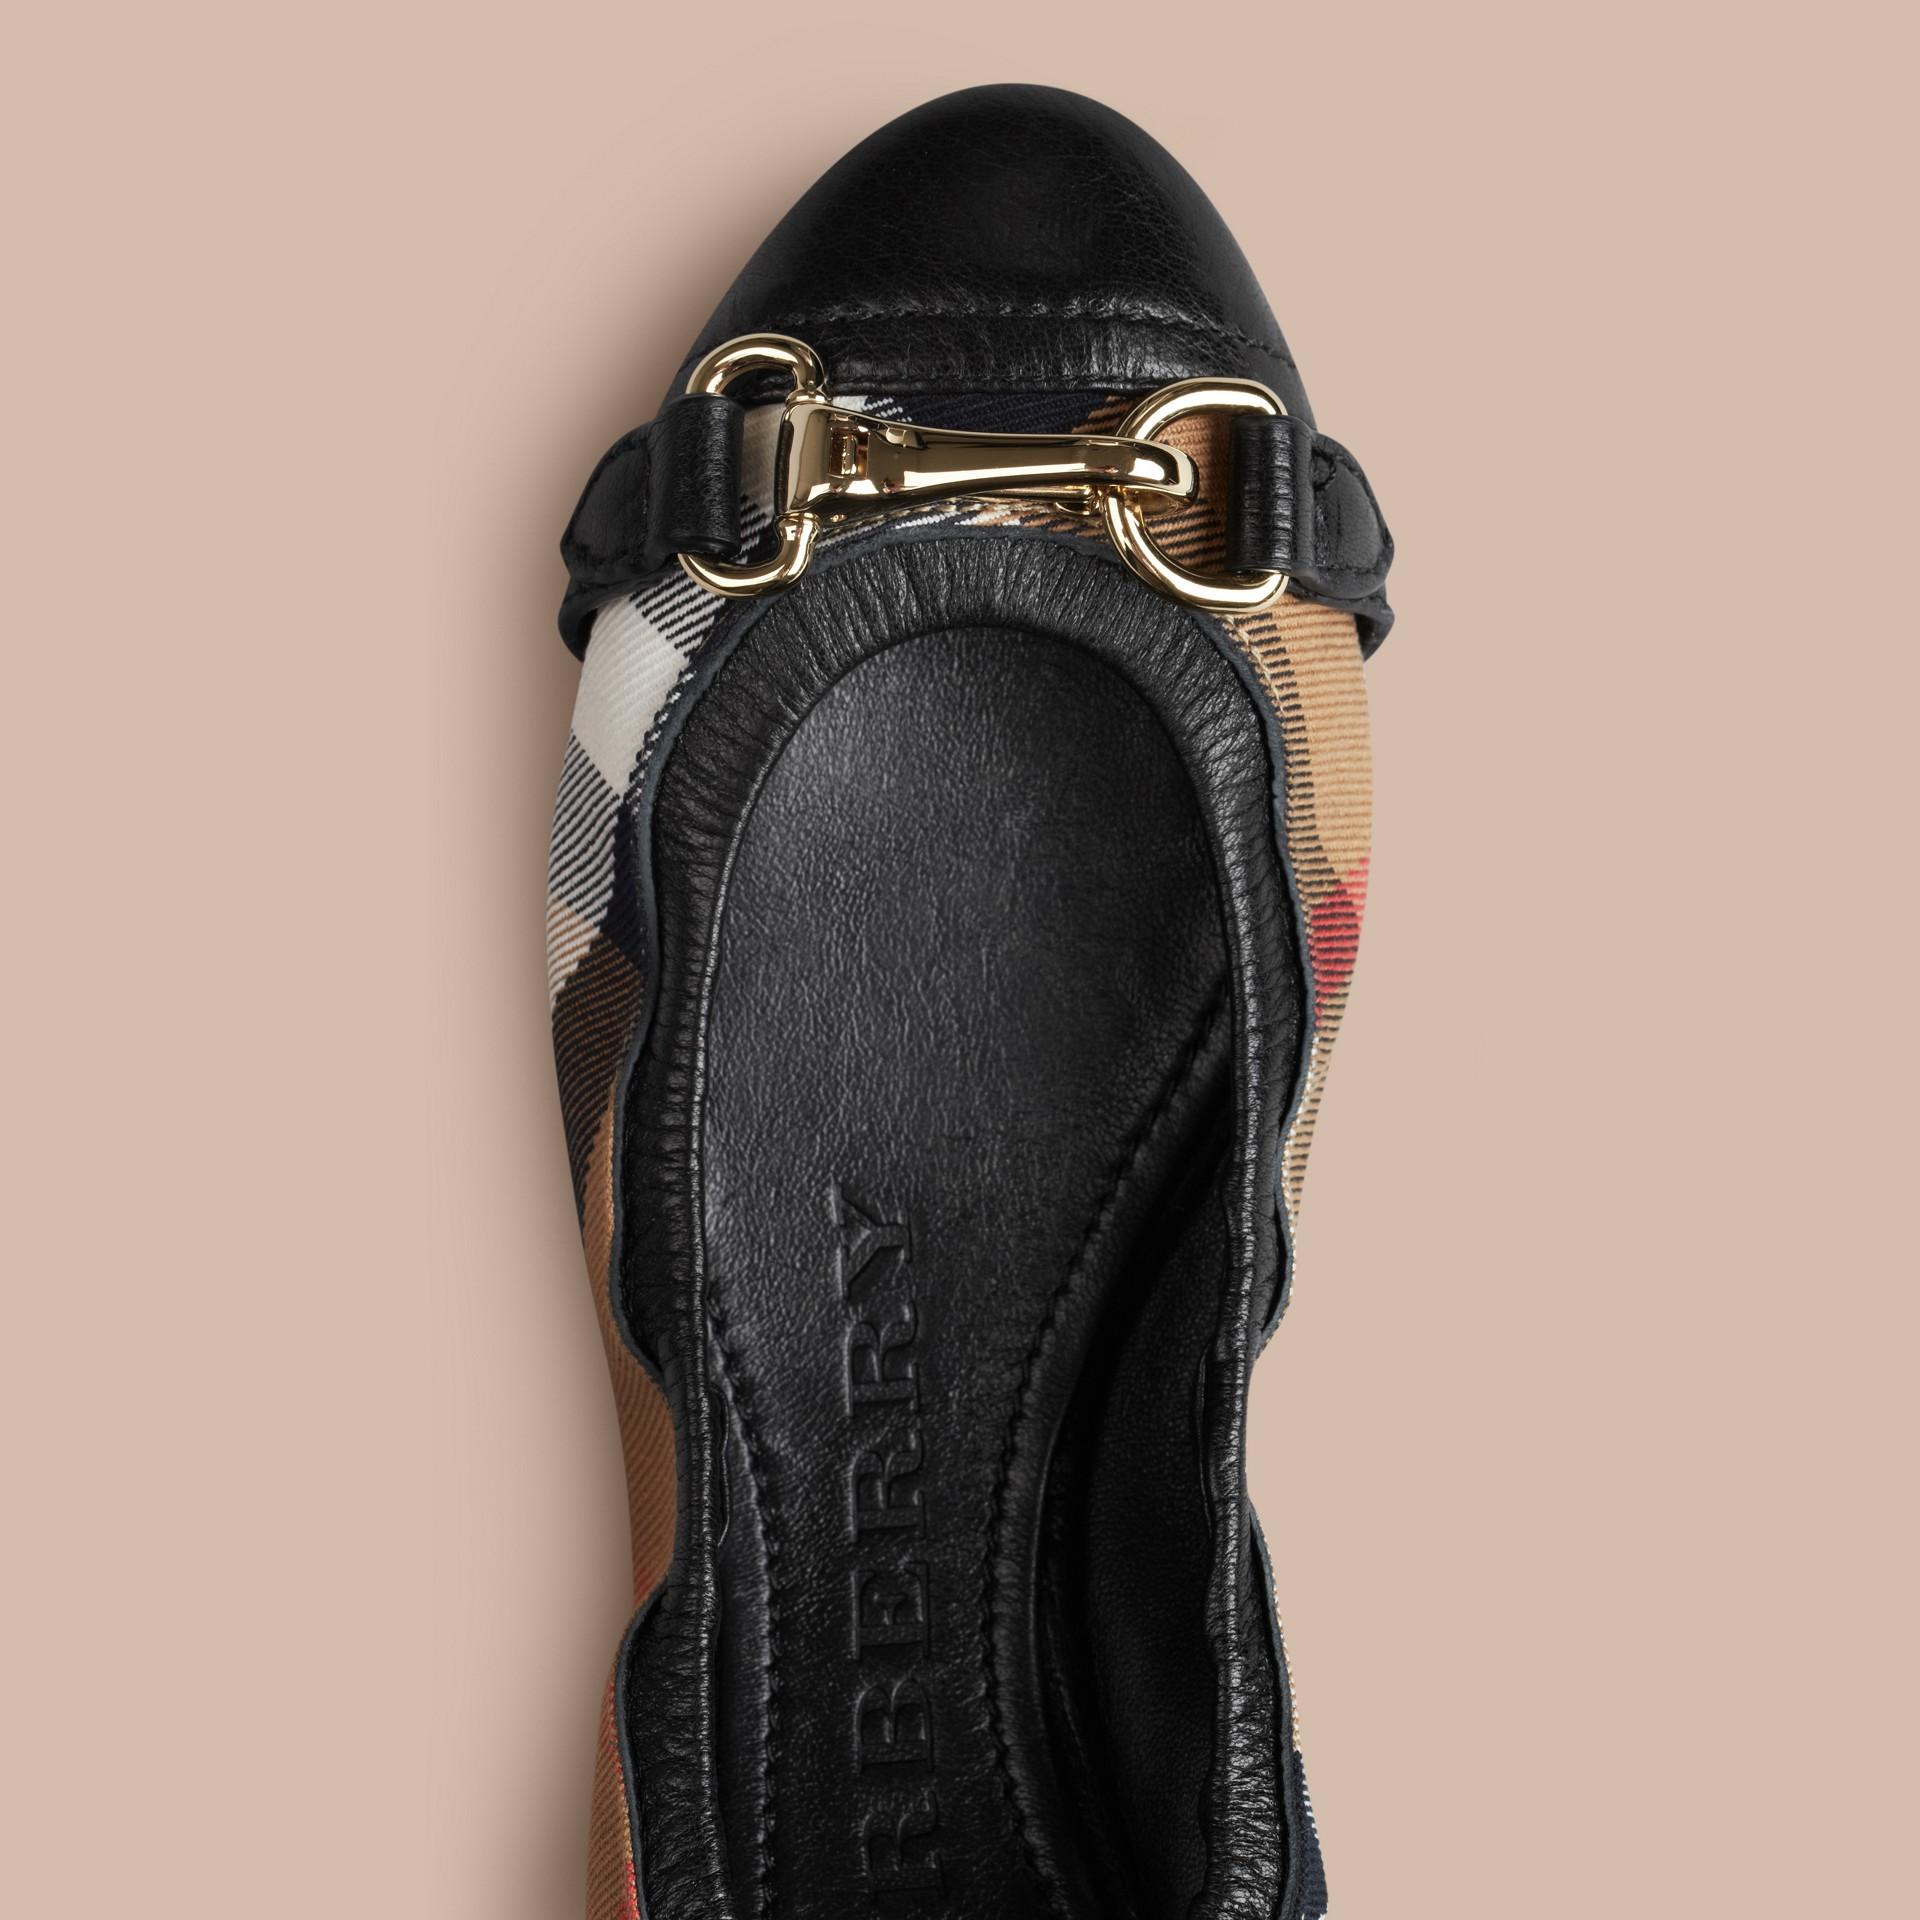 Nero Ballerine House check con fibbia Nero - immagine della galleria 3